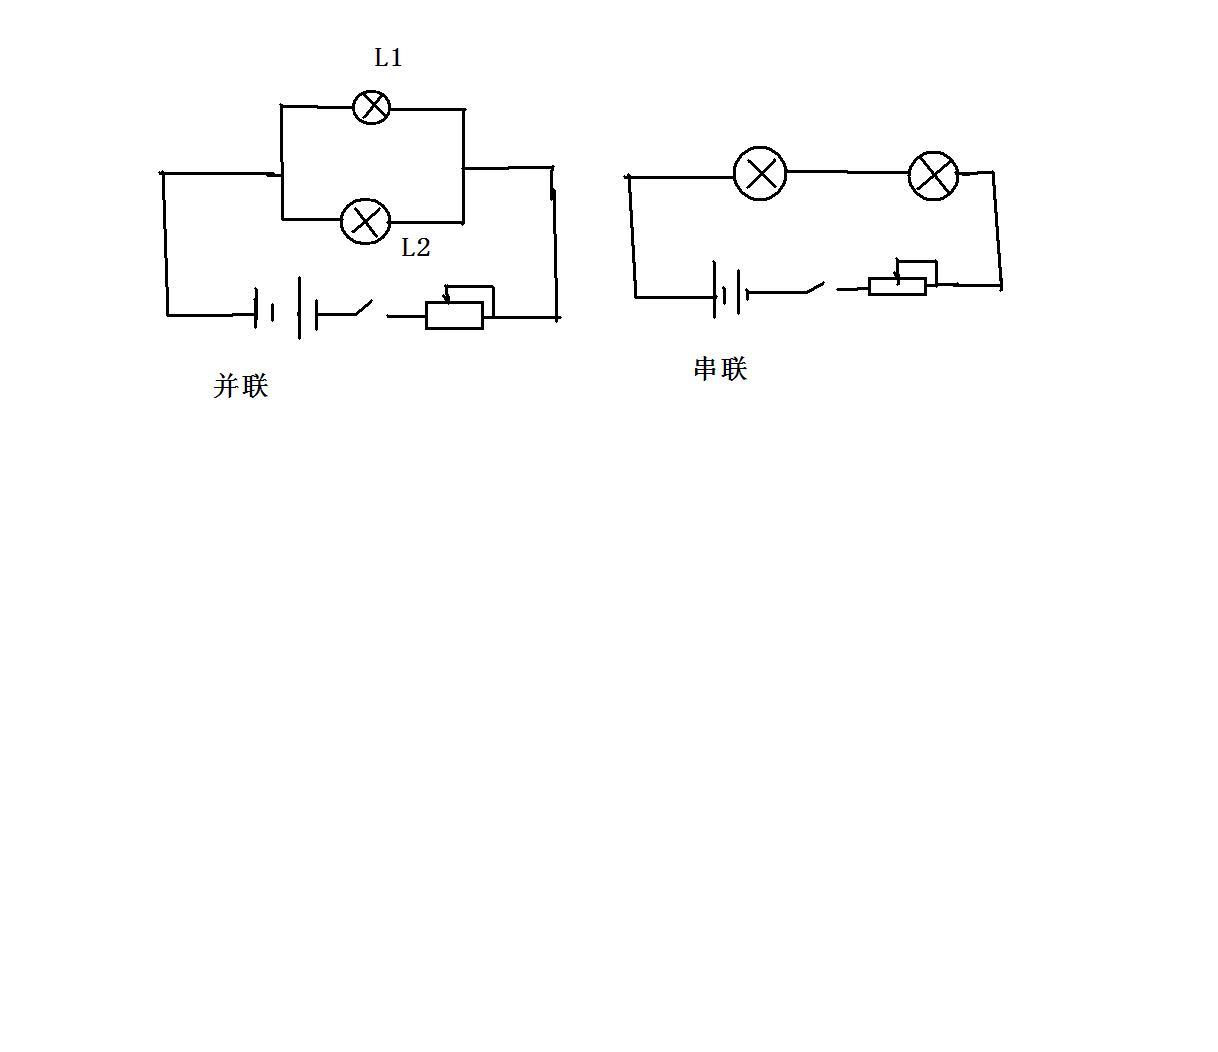 不同条件:电路连接方式不同,电路总电阻不同 结论:两个小灯泡并联